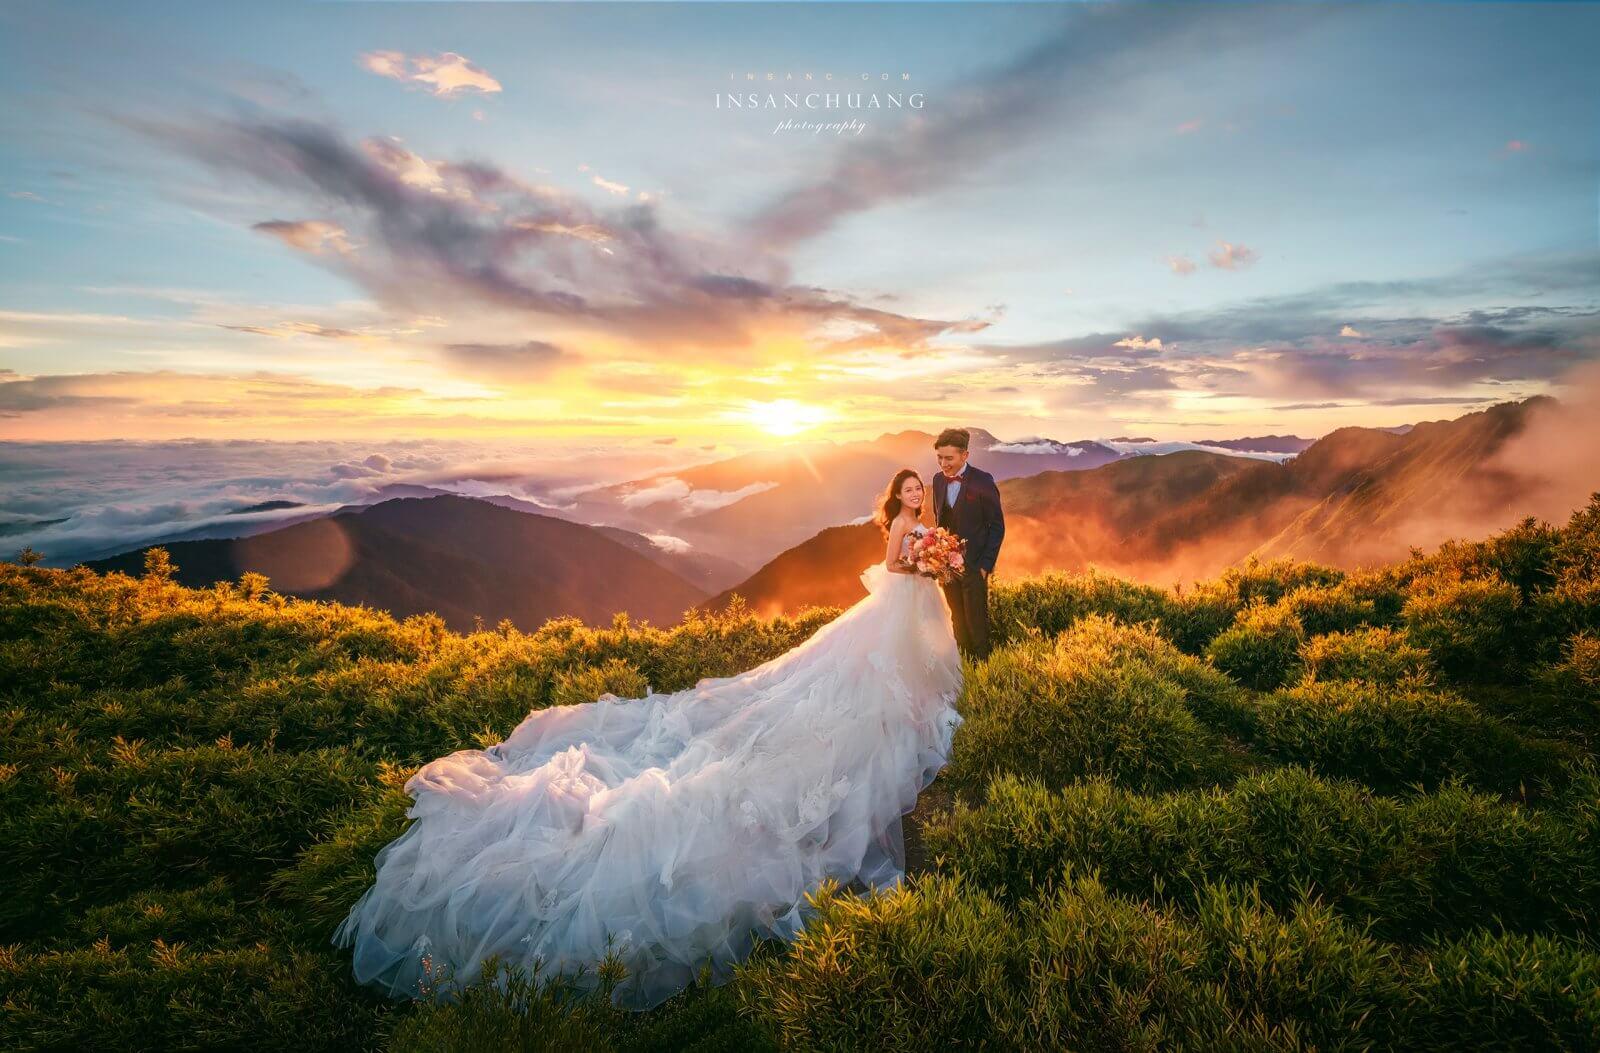 婚攝英聖-合歡山婚紗-主峰夕陽雲海婚紗